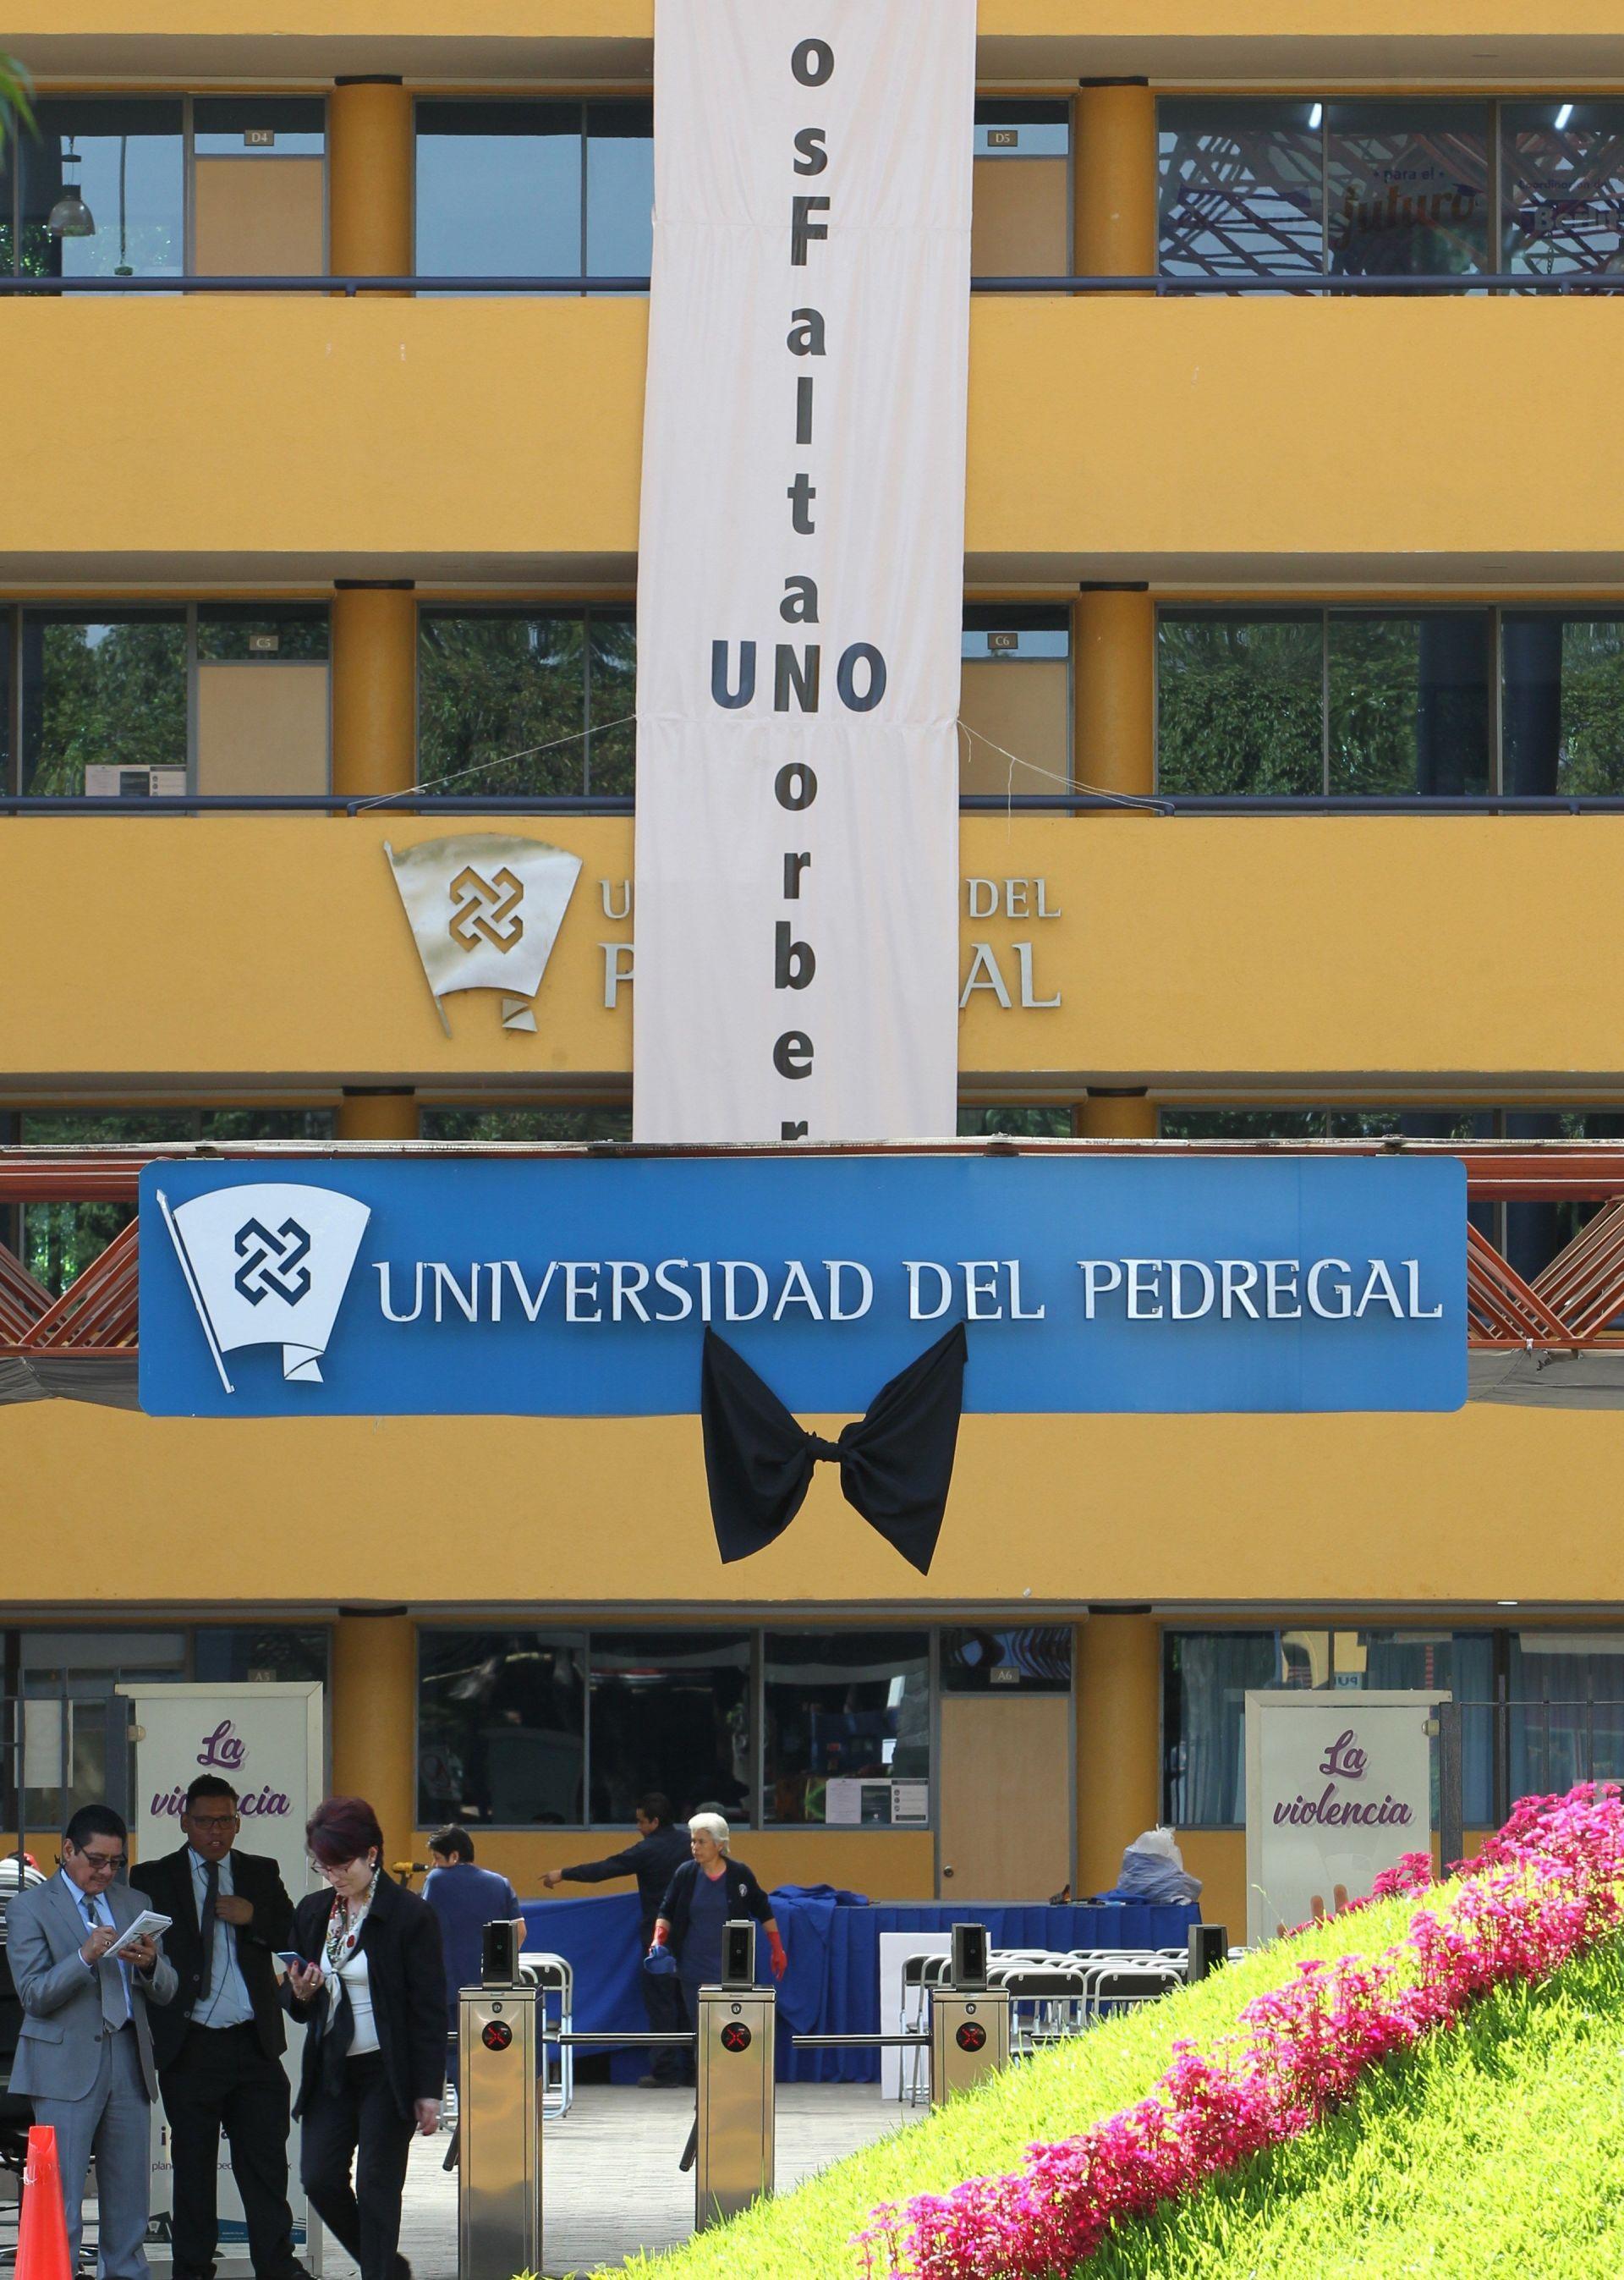 hallan-cuerpo-de-universitario-secuestrado-en-la-ciudad-de-mexico